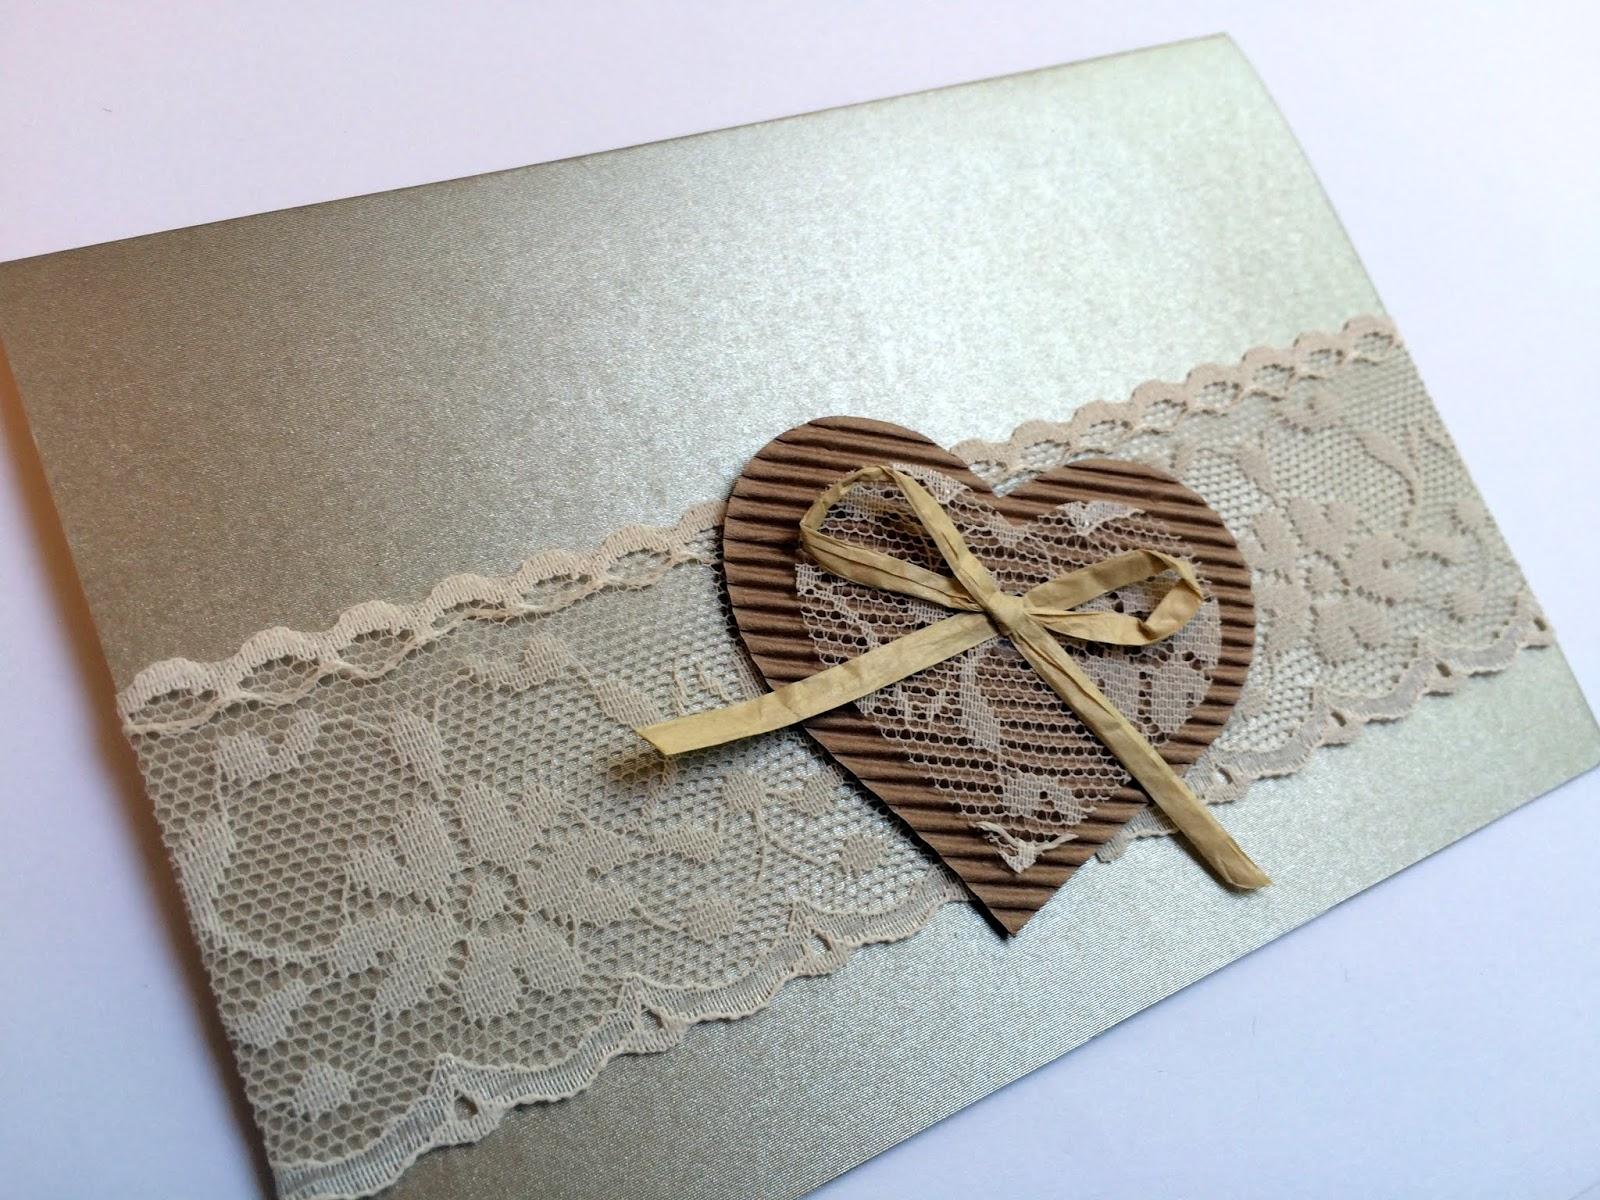 Famoso Lumaca Matta - Handmade with love: Inviti matrimonio rustico- parte 2 AR96